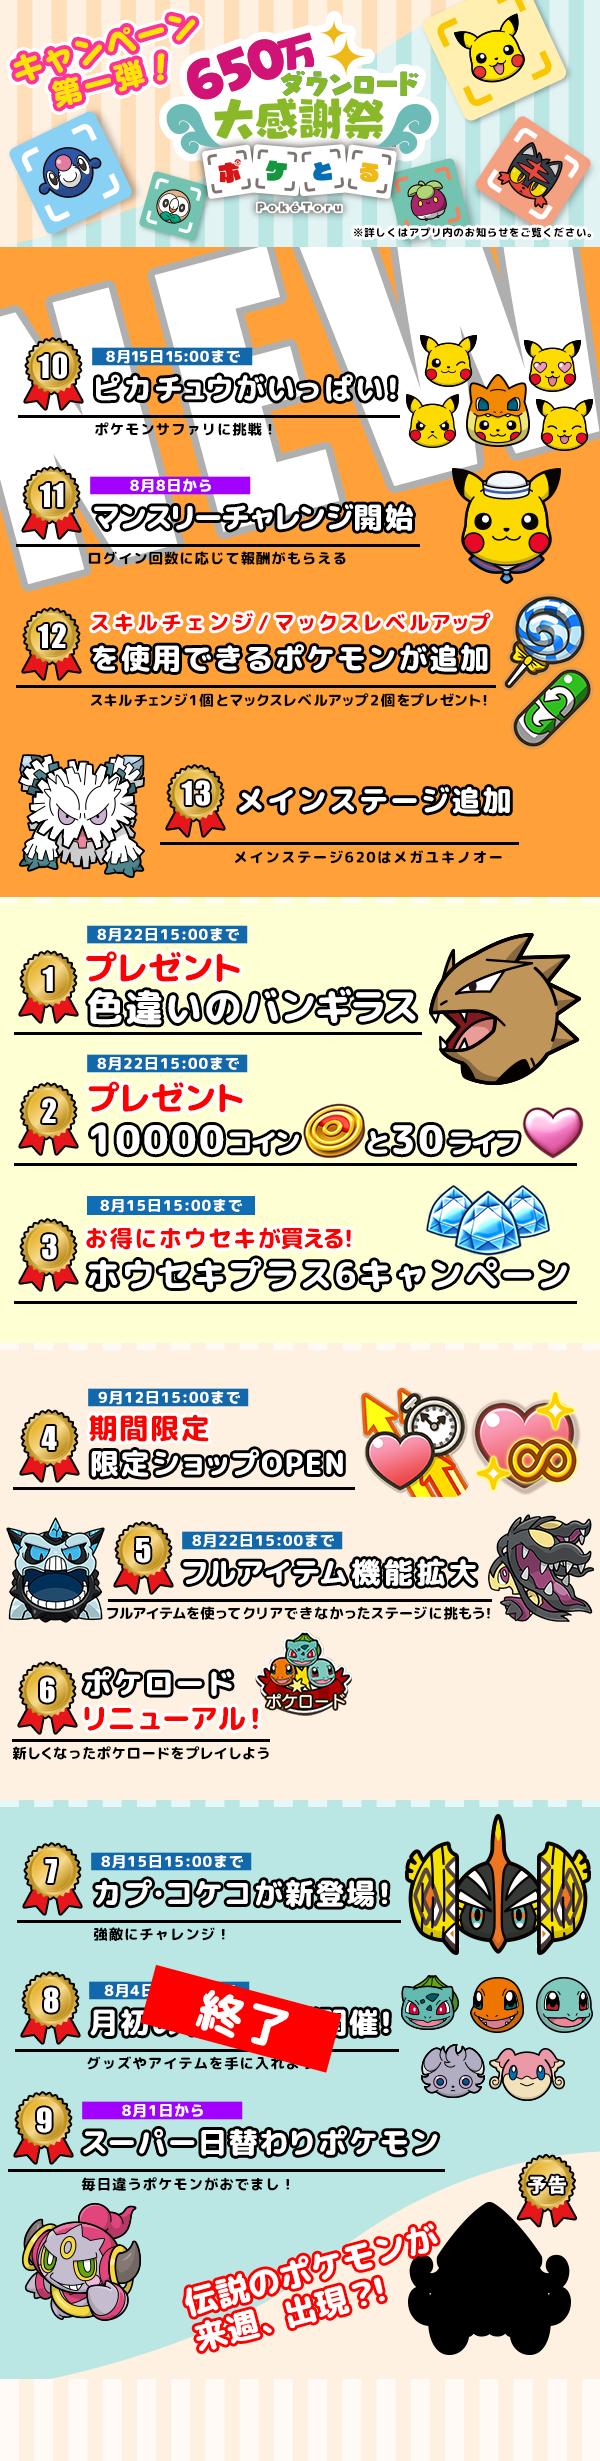 感謝 10 チャレンジ 大 祭